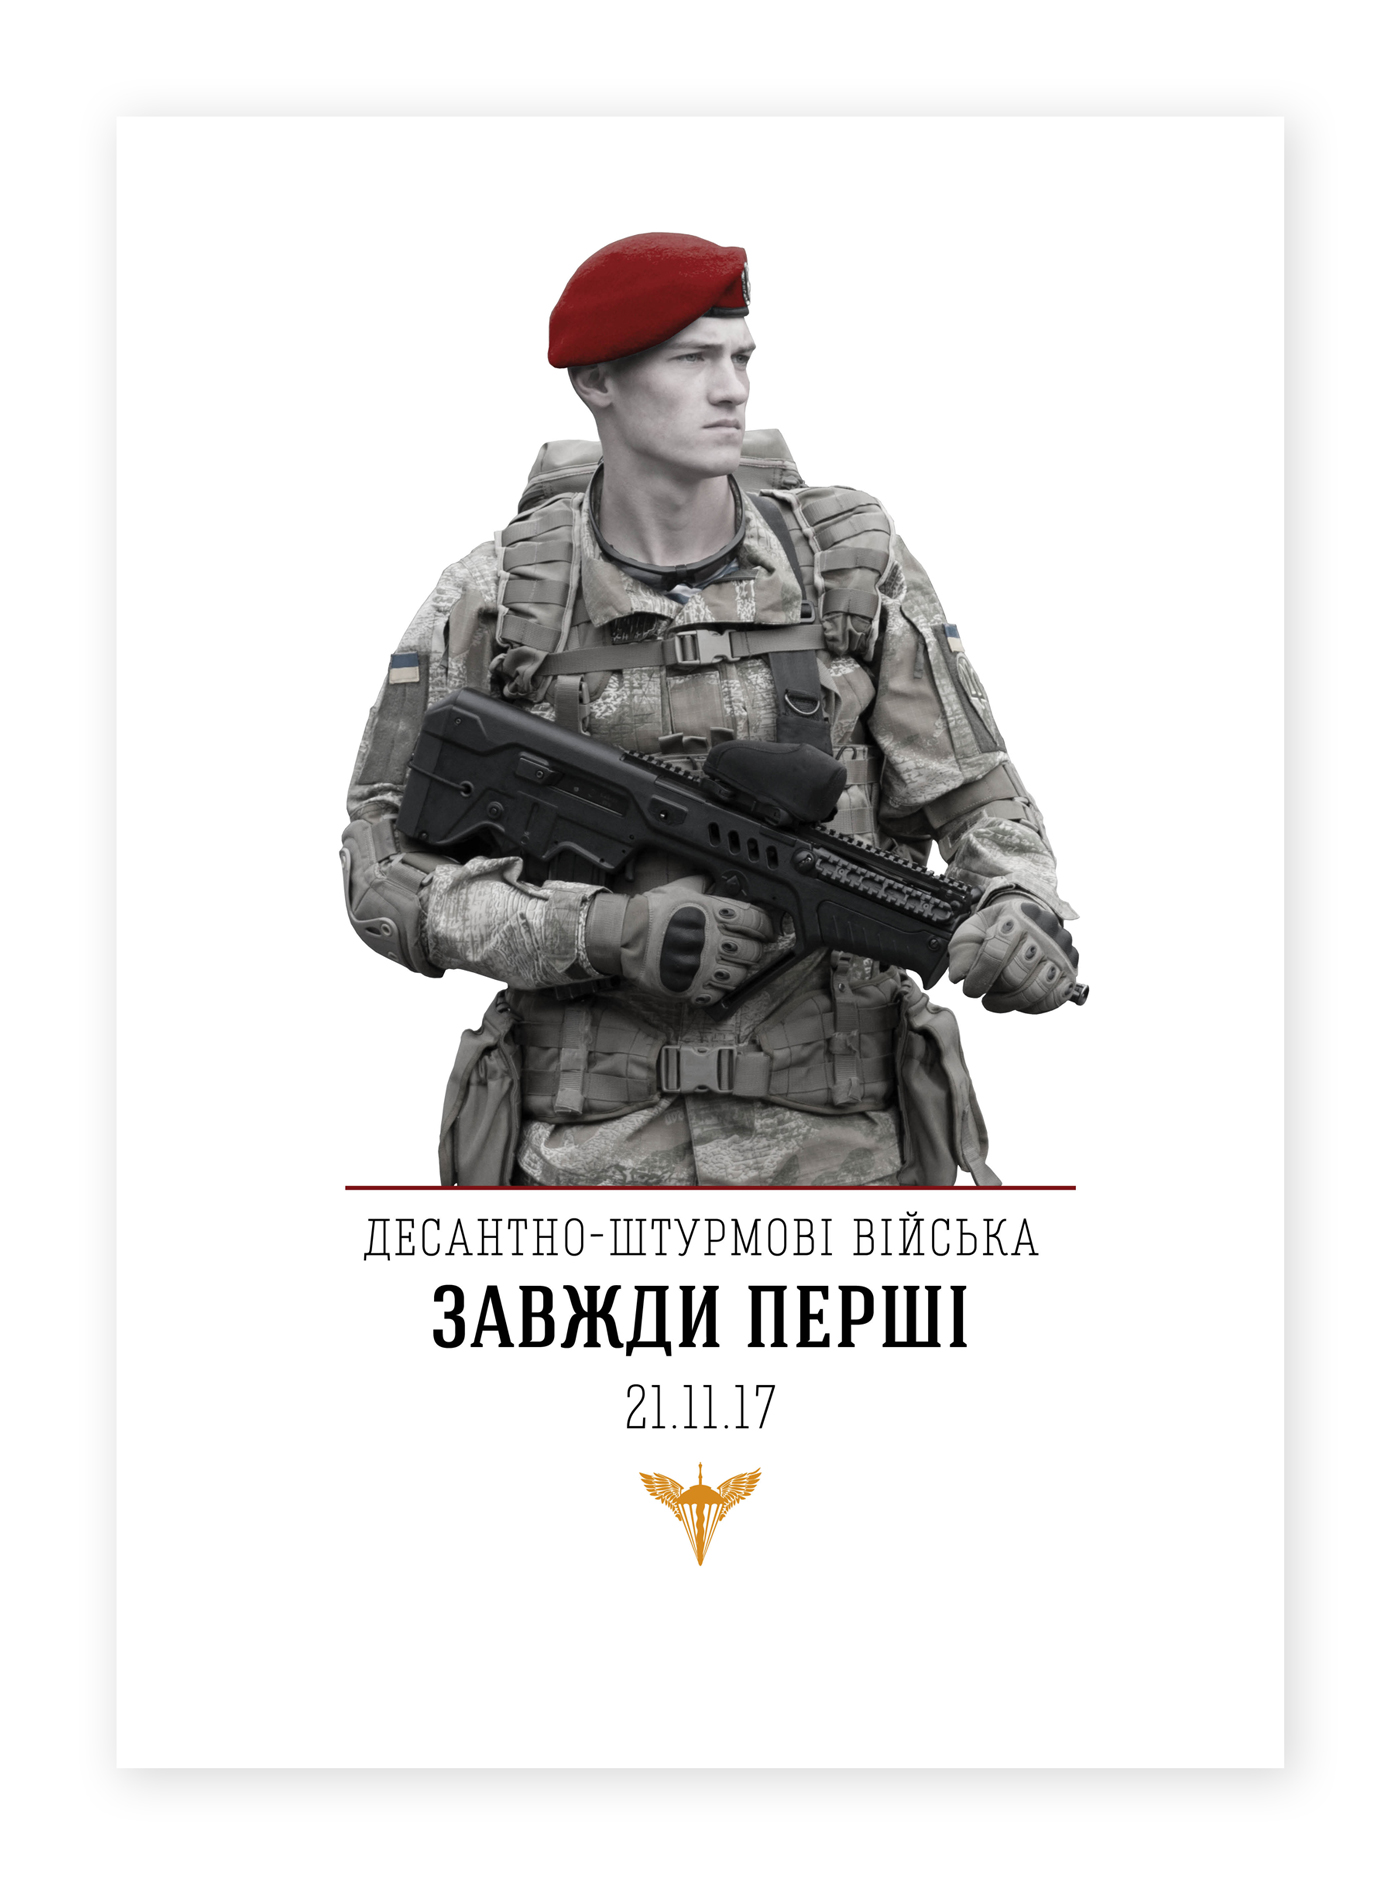 В студии к Дню десантно-штурмовых войск Украины и Дню прощания с голубым беретом разработали плакат и билборд.